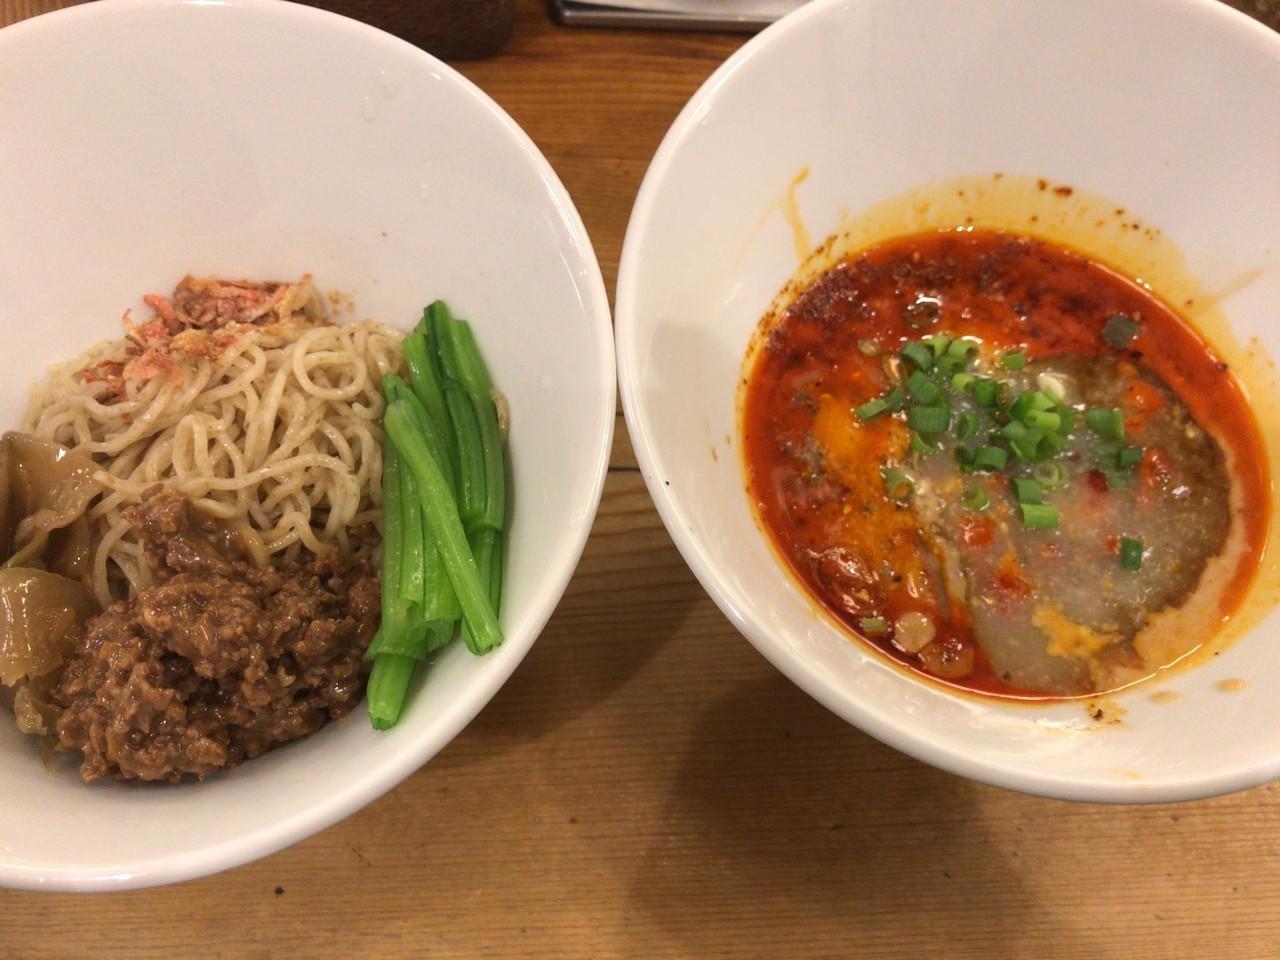 【中野】煮干し系も担々系も!つけ麺がおすすめのラーメン店4選